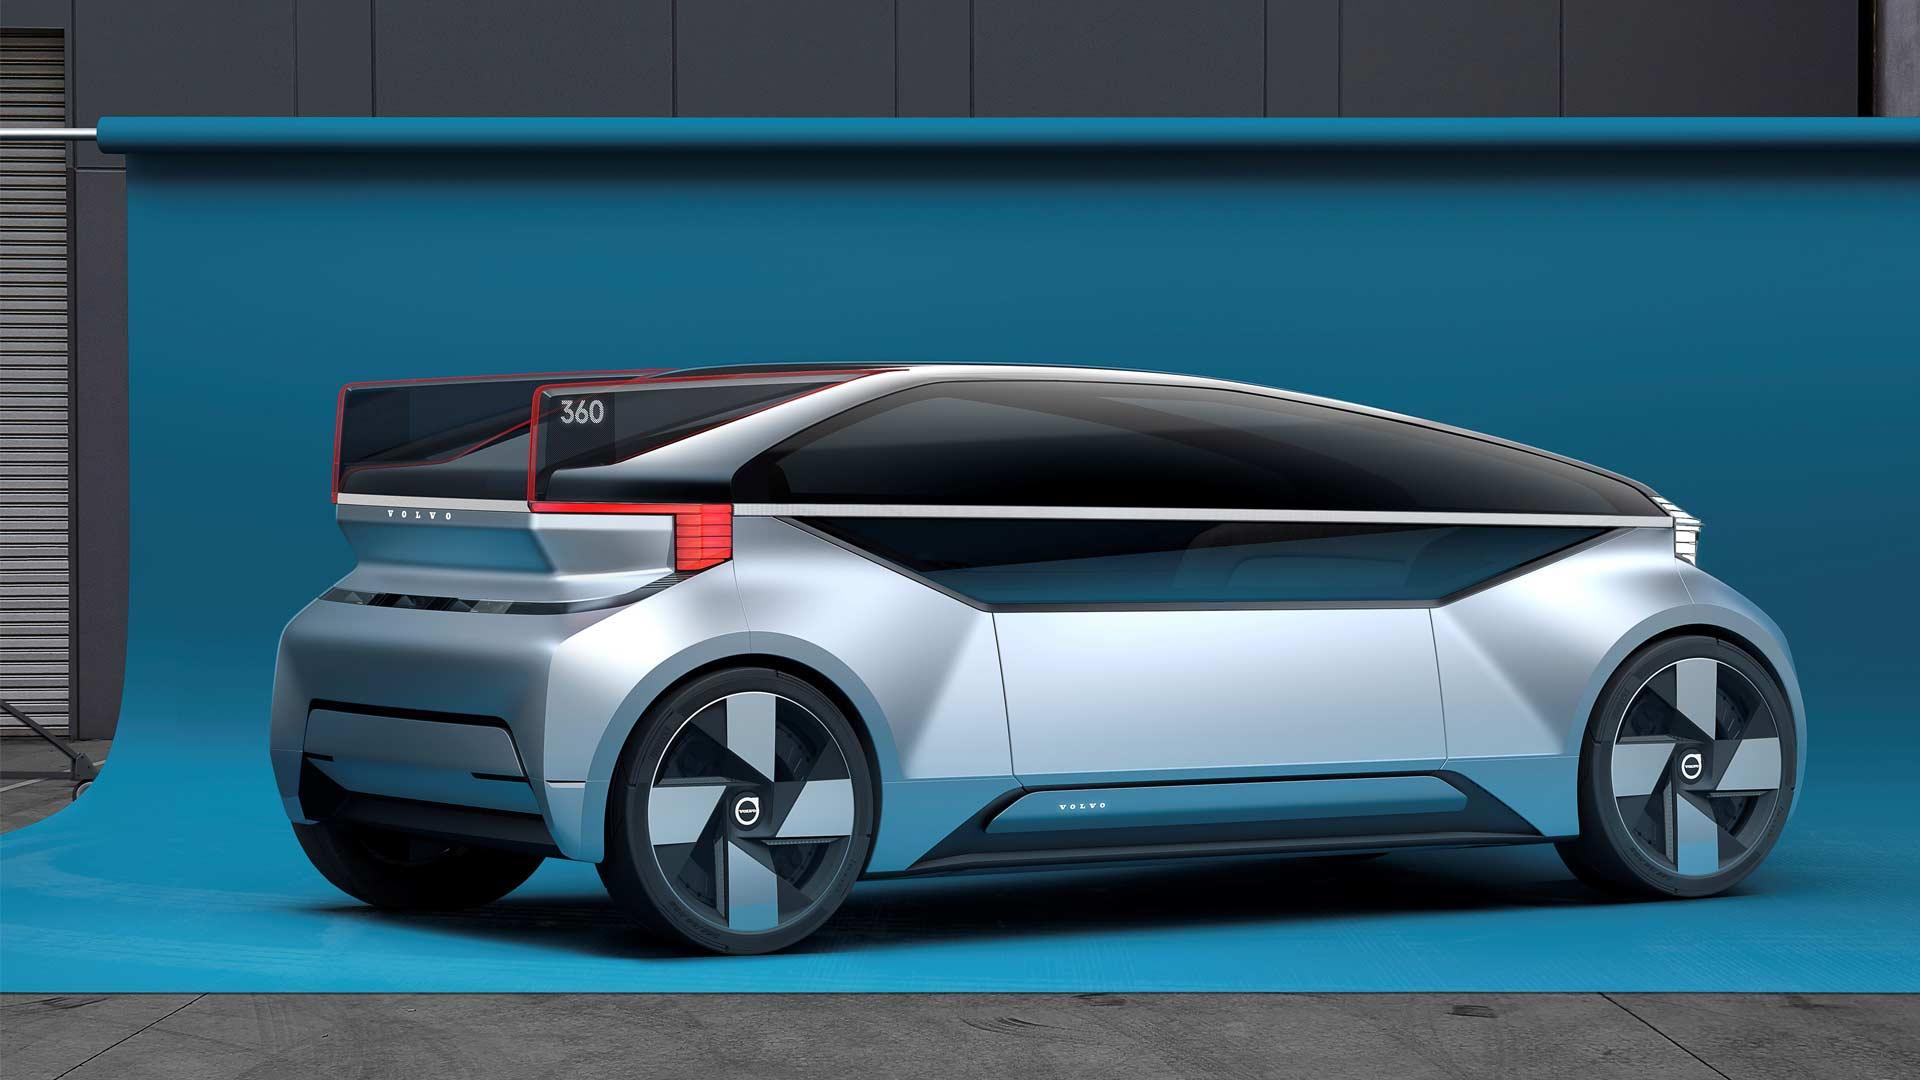 Volvo-360c-autonomous-concept_2